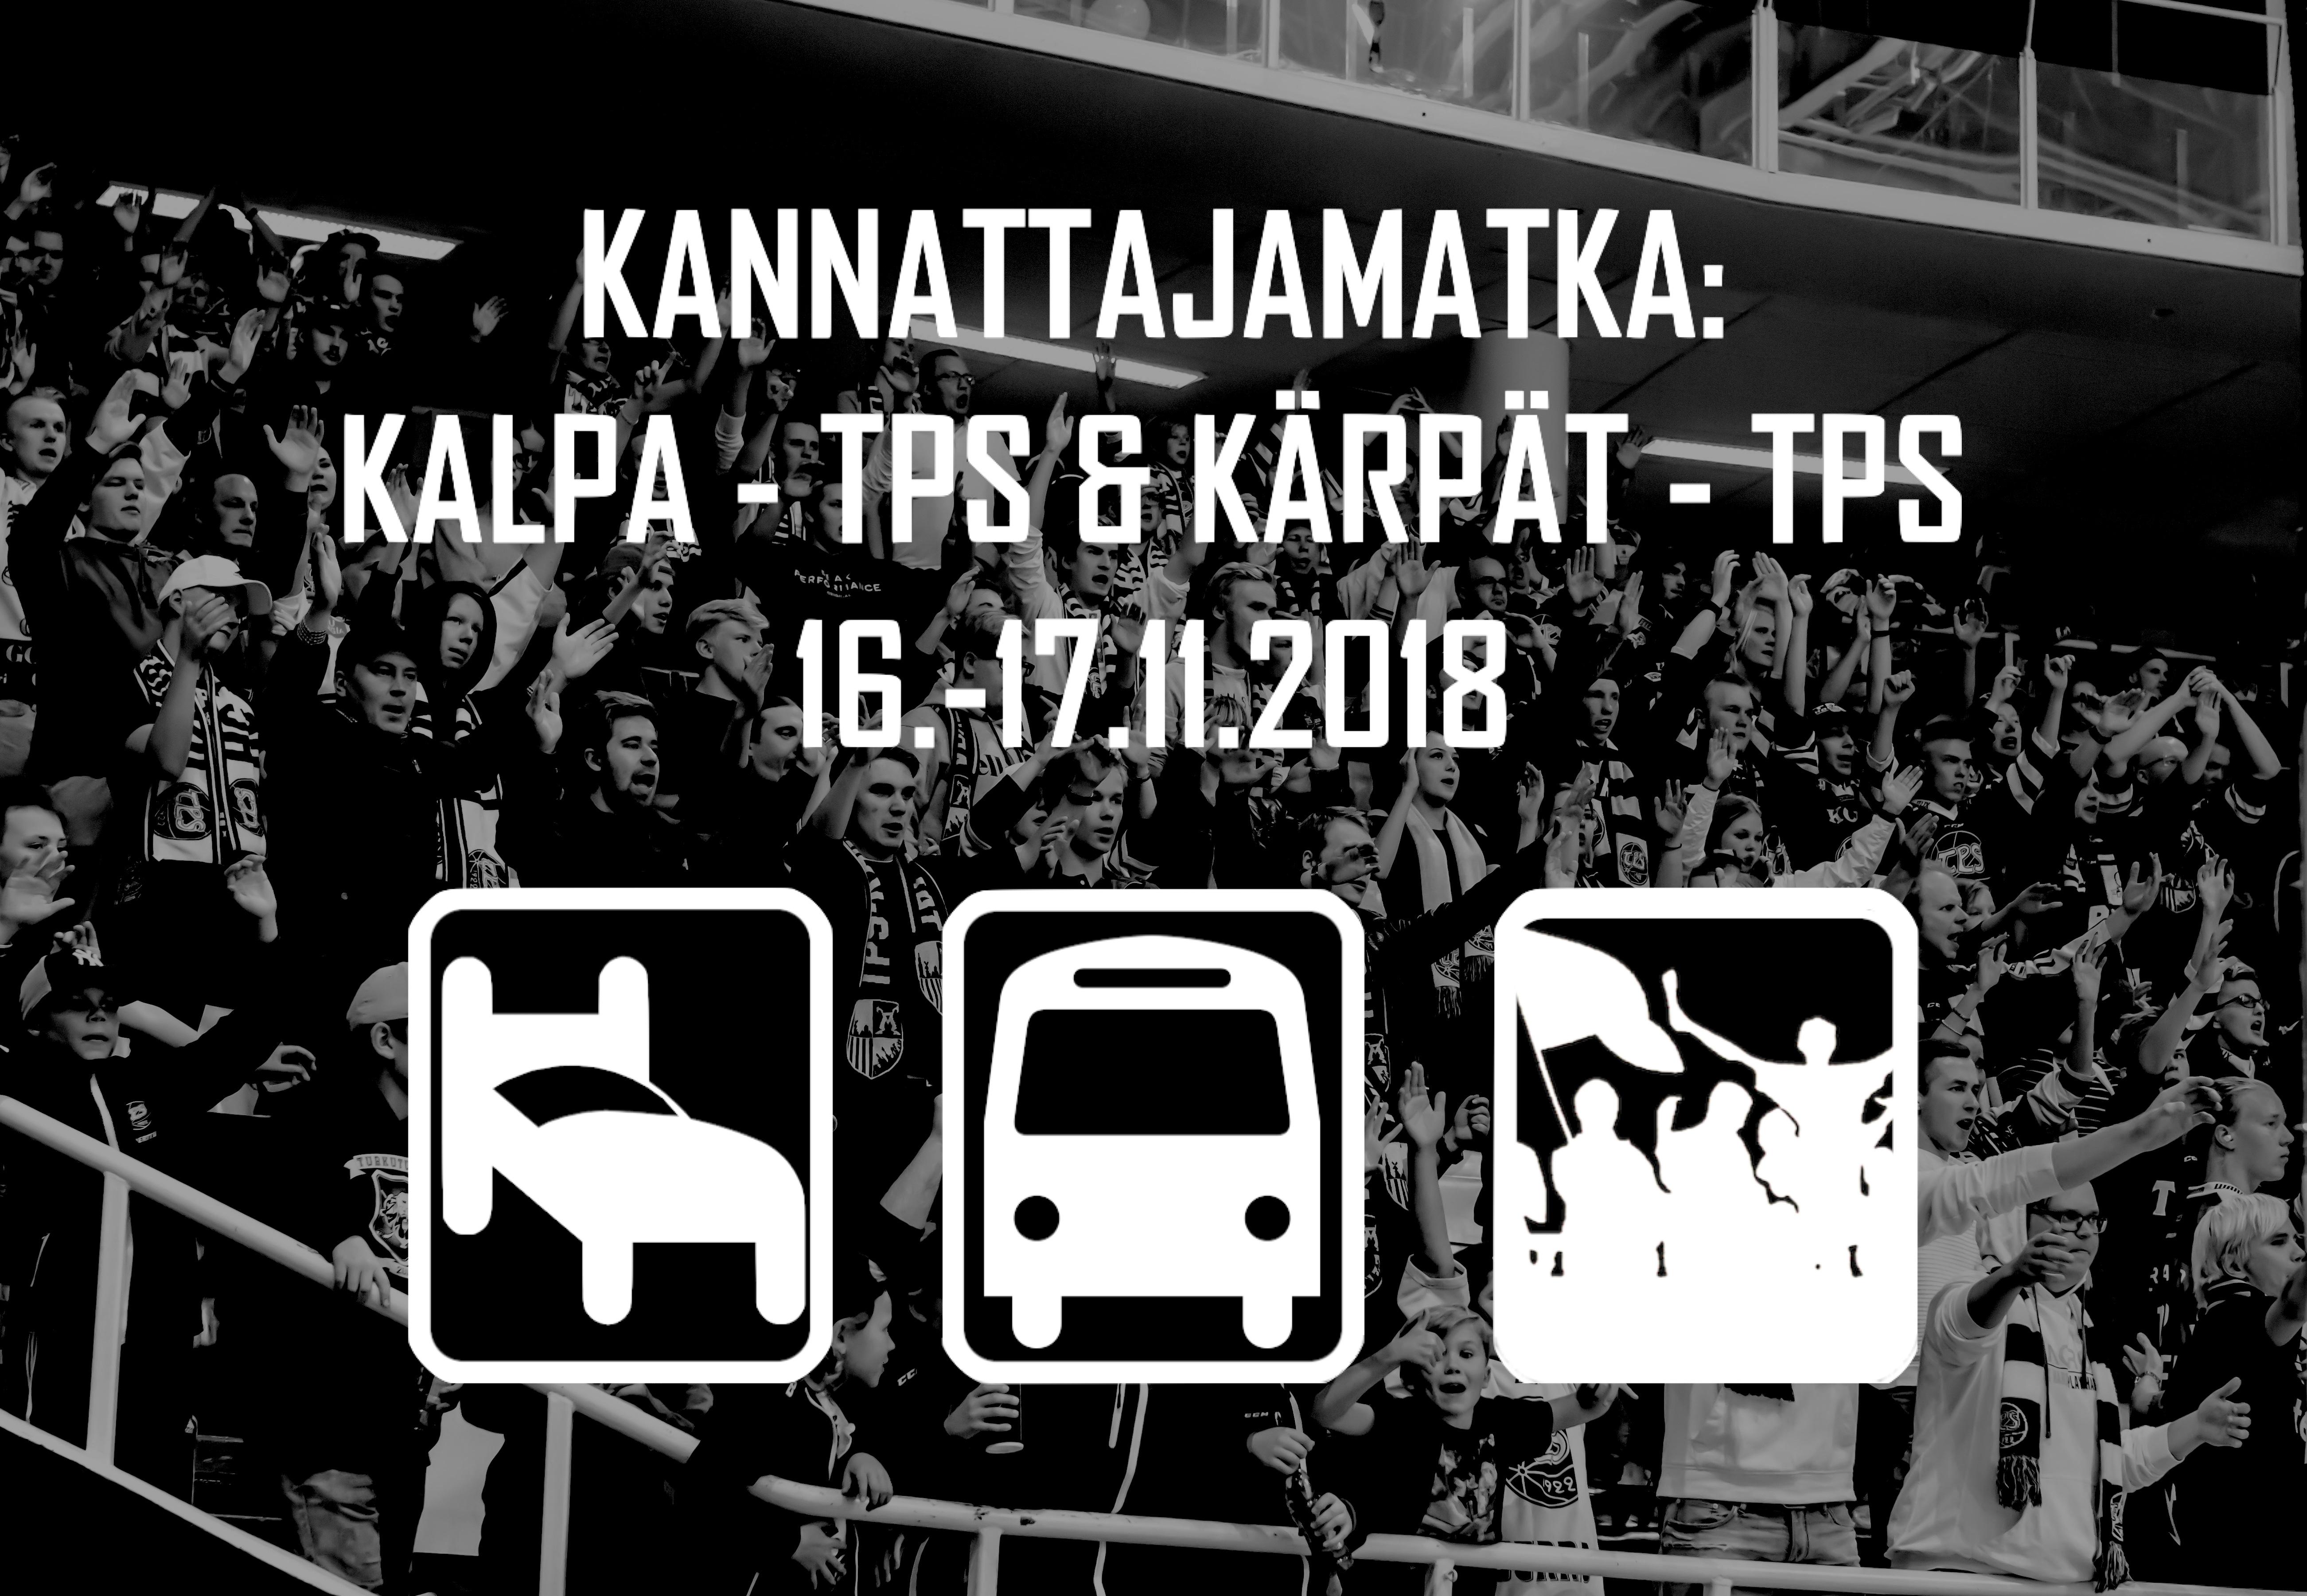 Kannattajamatka: KalPa – TPS & Kärpät – TPS 16.-17.11.